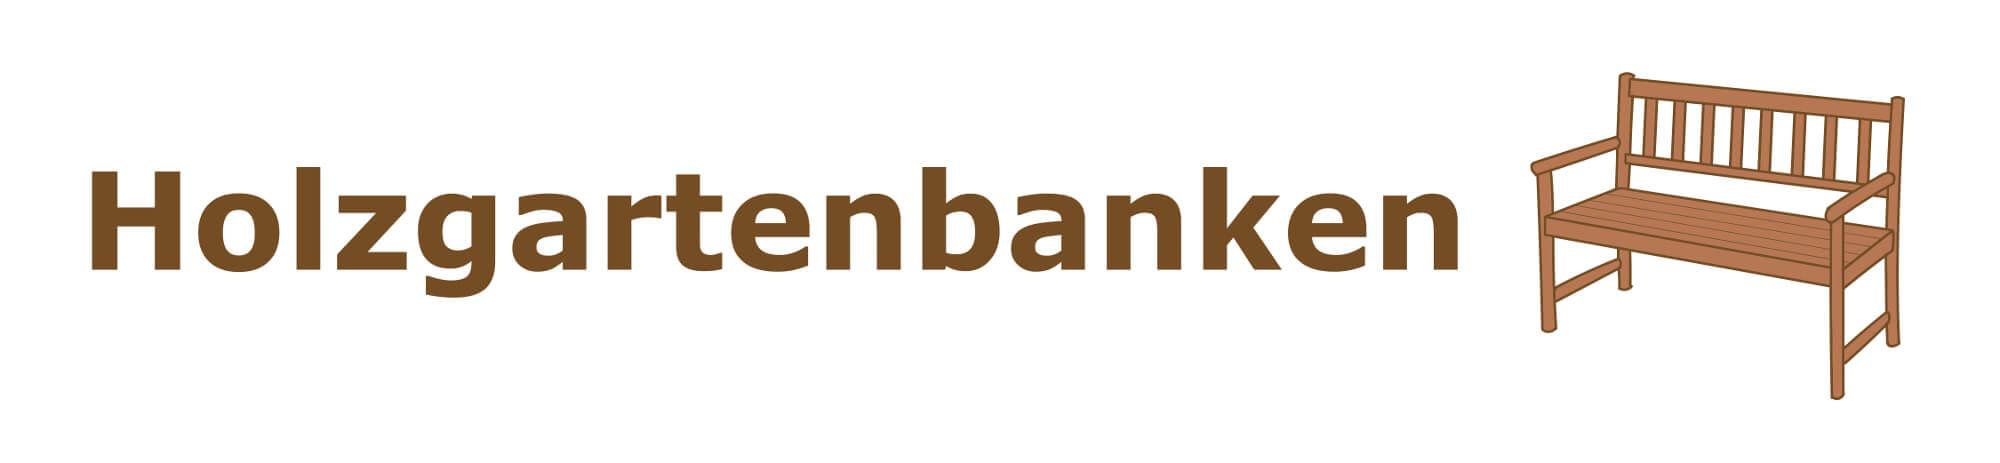 Holzgartenbanken